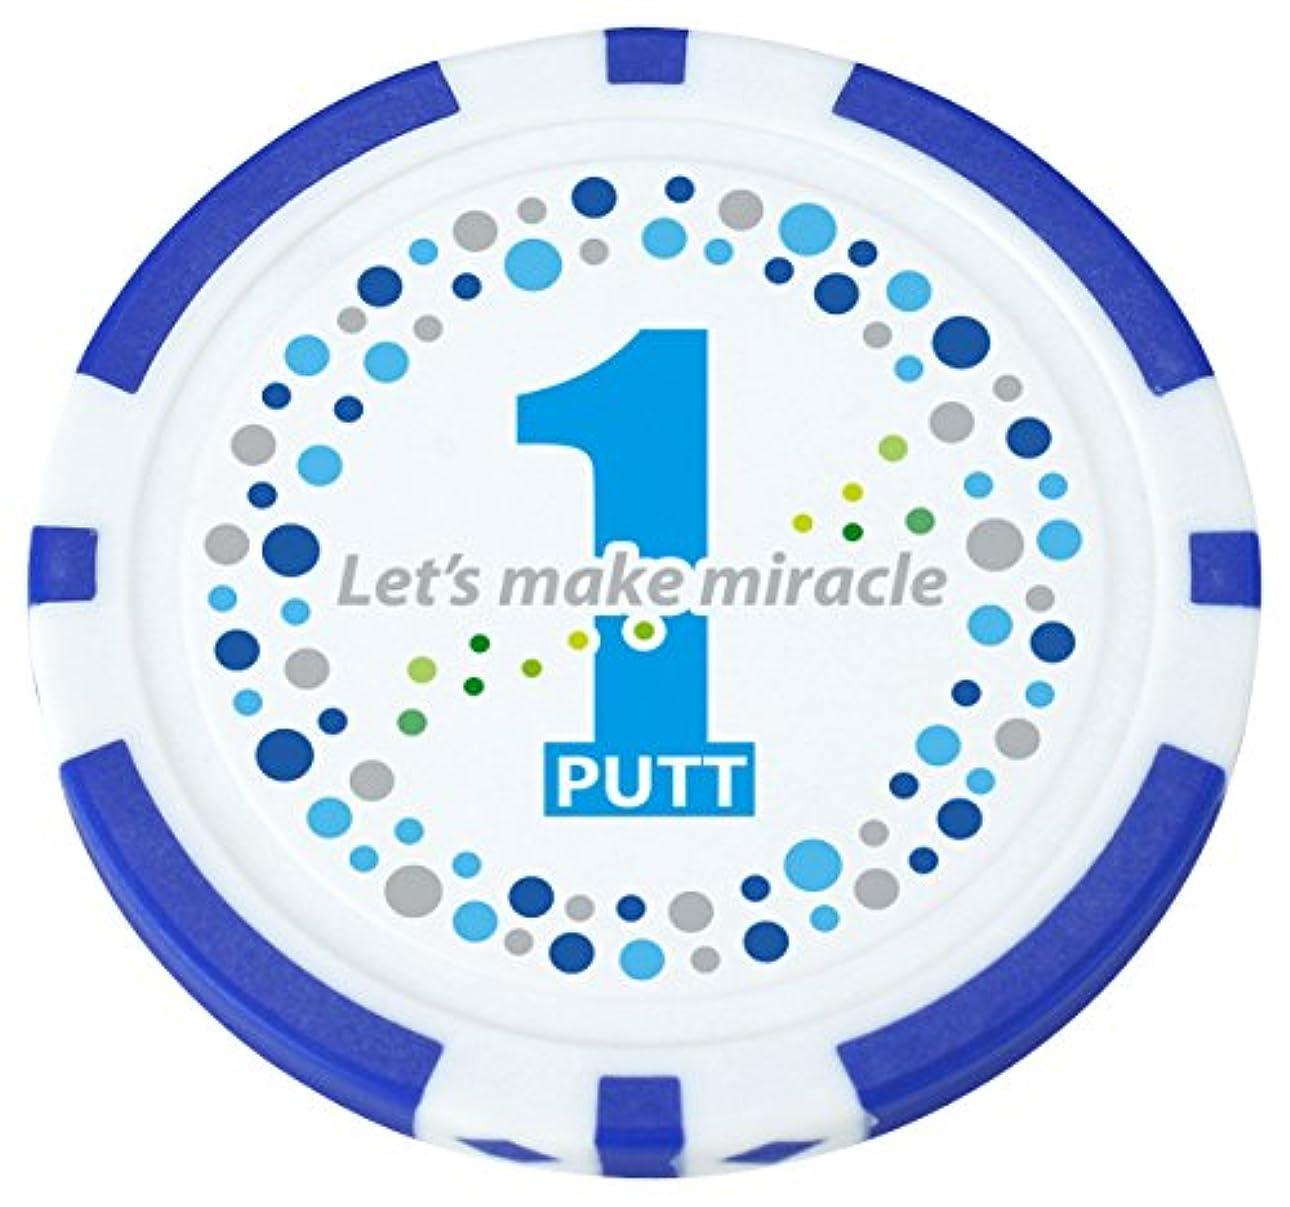 賢いオプショナルランクライト(LITE) X768 ポーカーチップ ワンパットブルー ユニセックス X768(060) ワンパットブルー